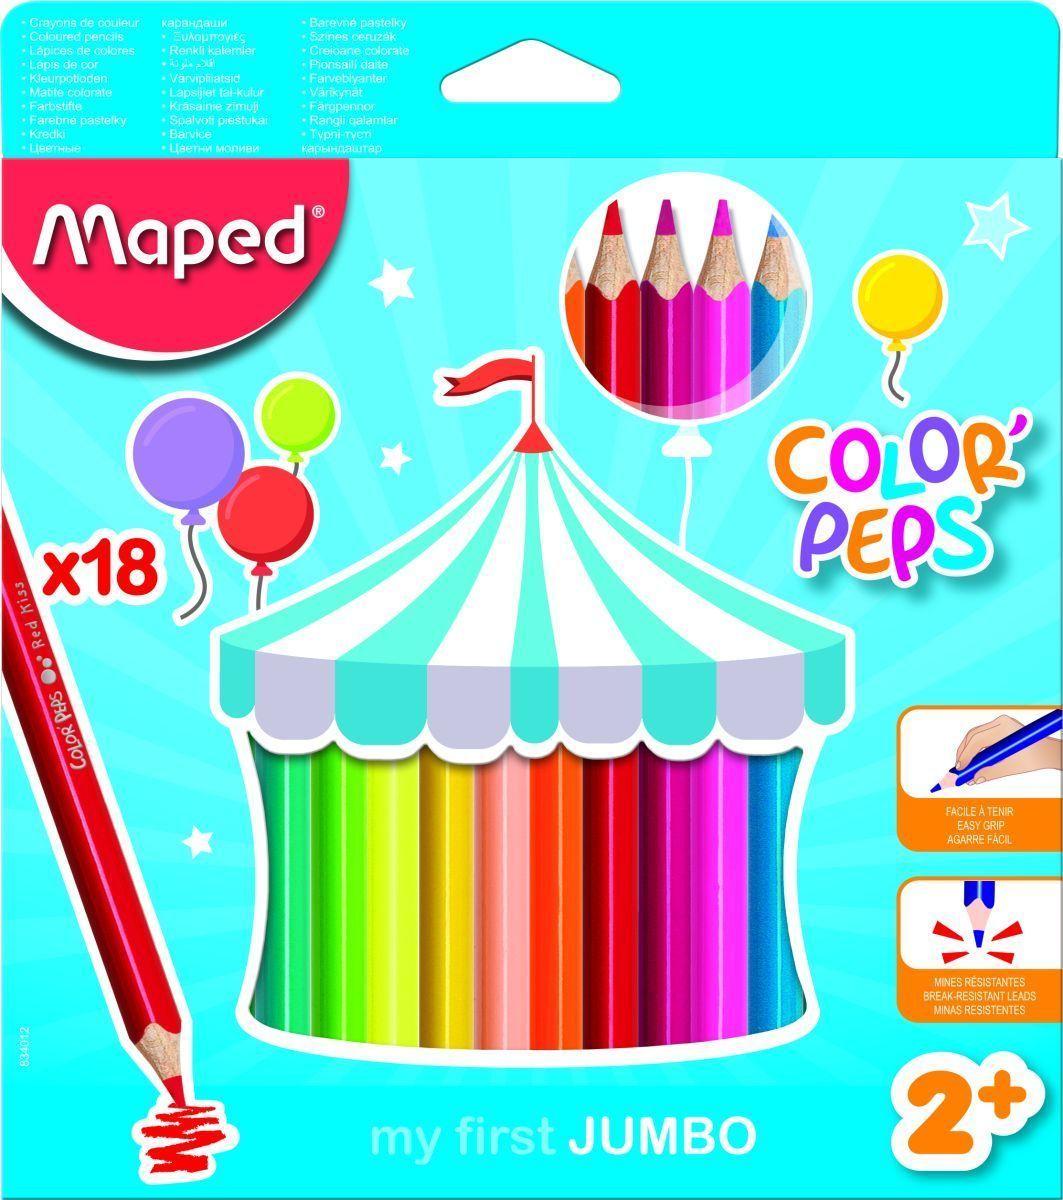 Maped Набор цветных карандашей Color Pep's Jumbo 18 цветов maped набор цветных карандашей color pep s jumbo 18 цветов